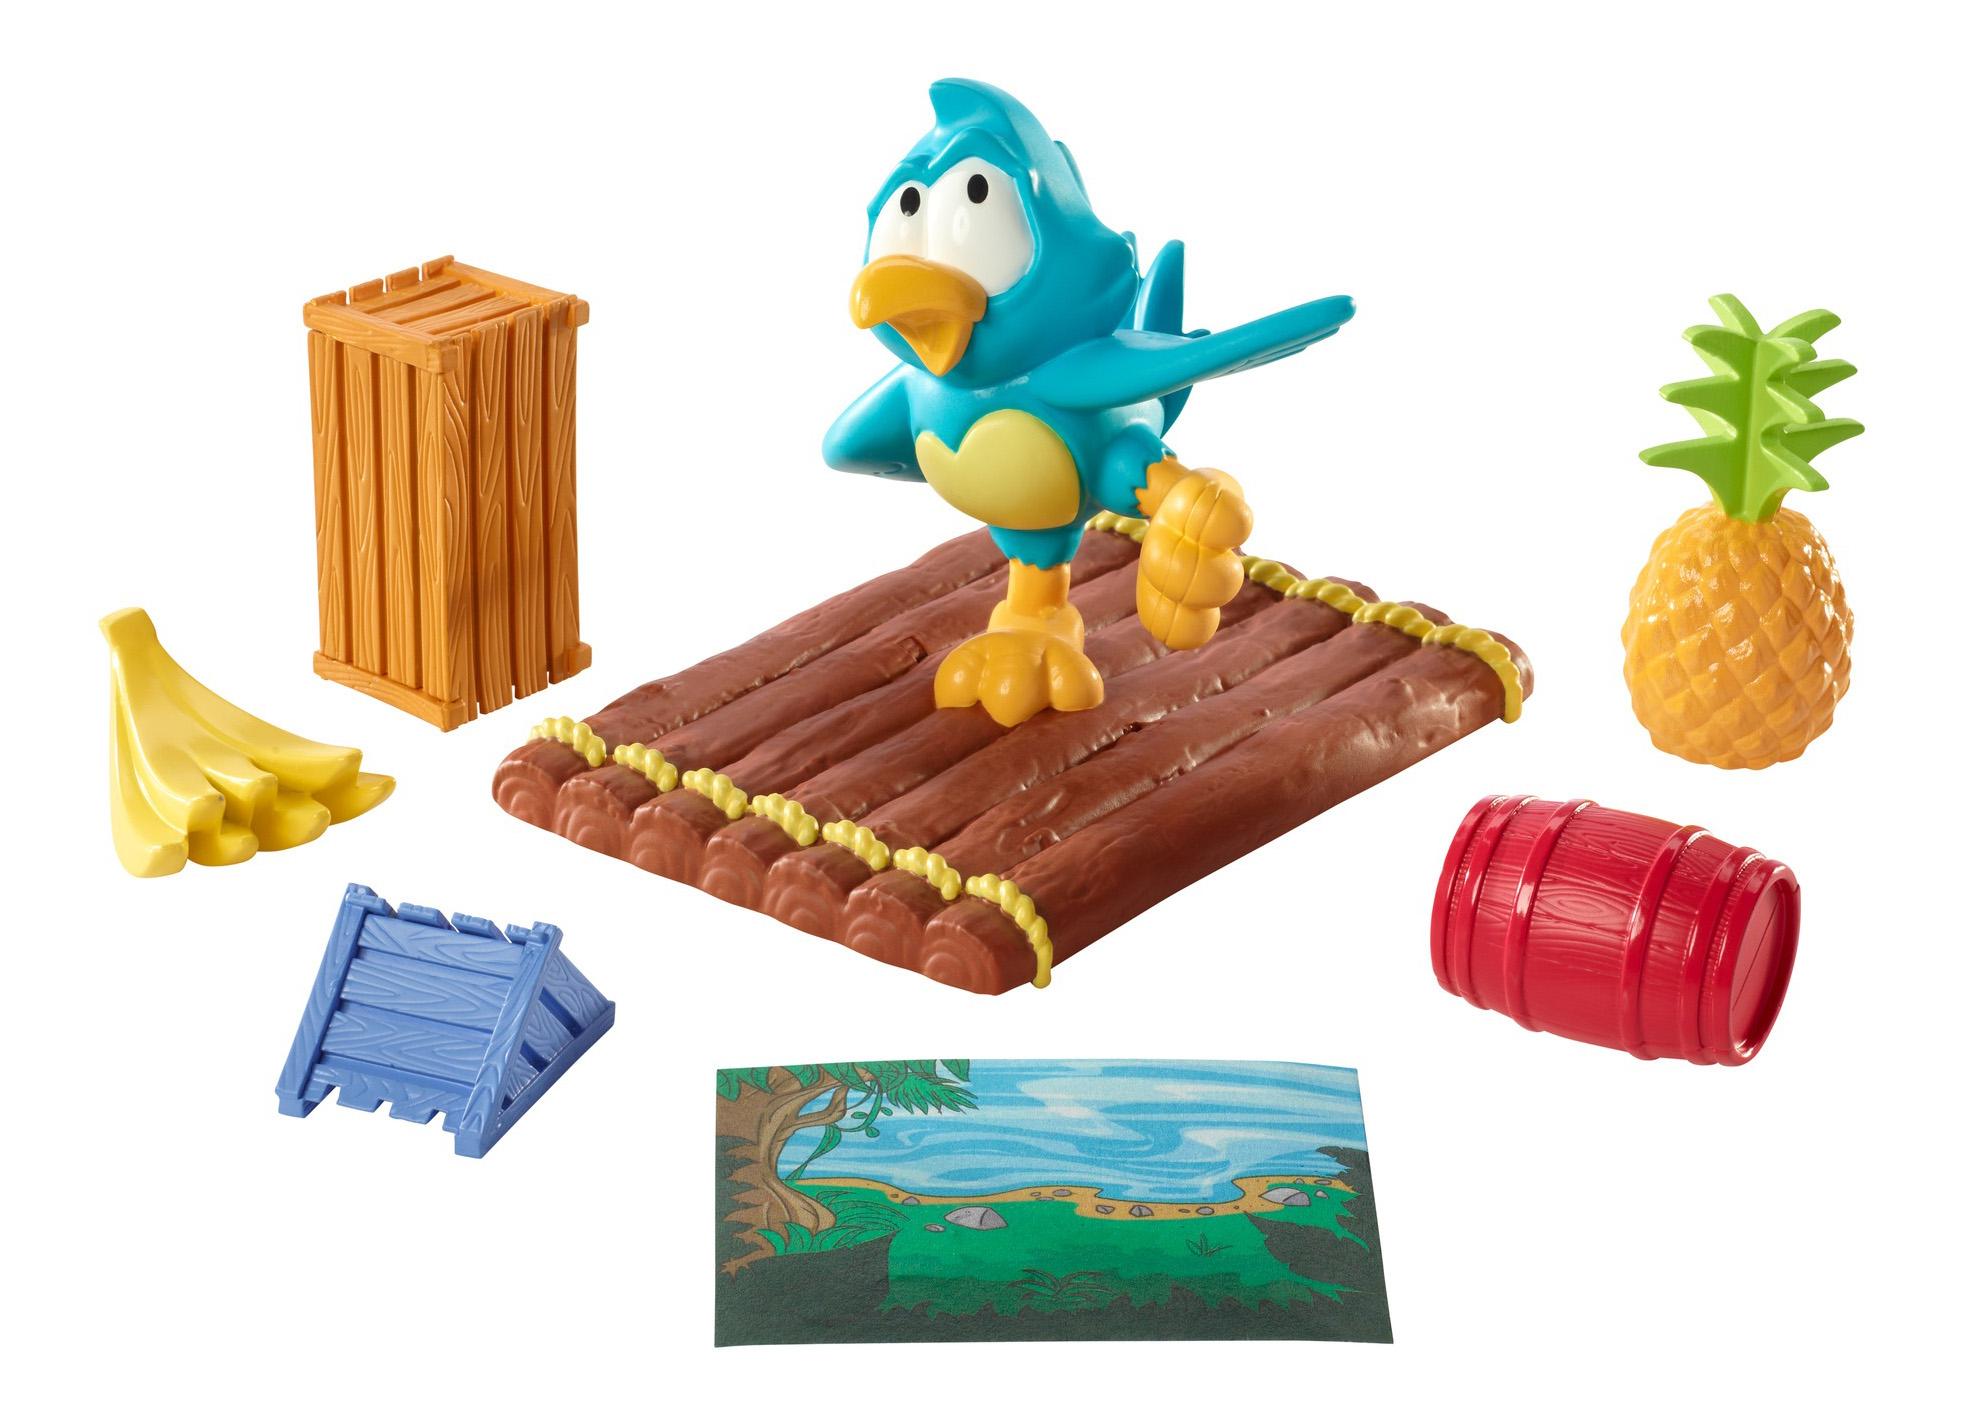 Купить Семейная настольная игра Mattel настольная игра Попугай на плоту Y2551, Семейные настольные игры